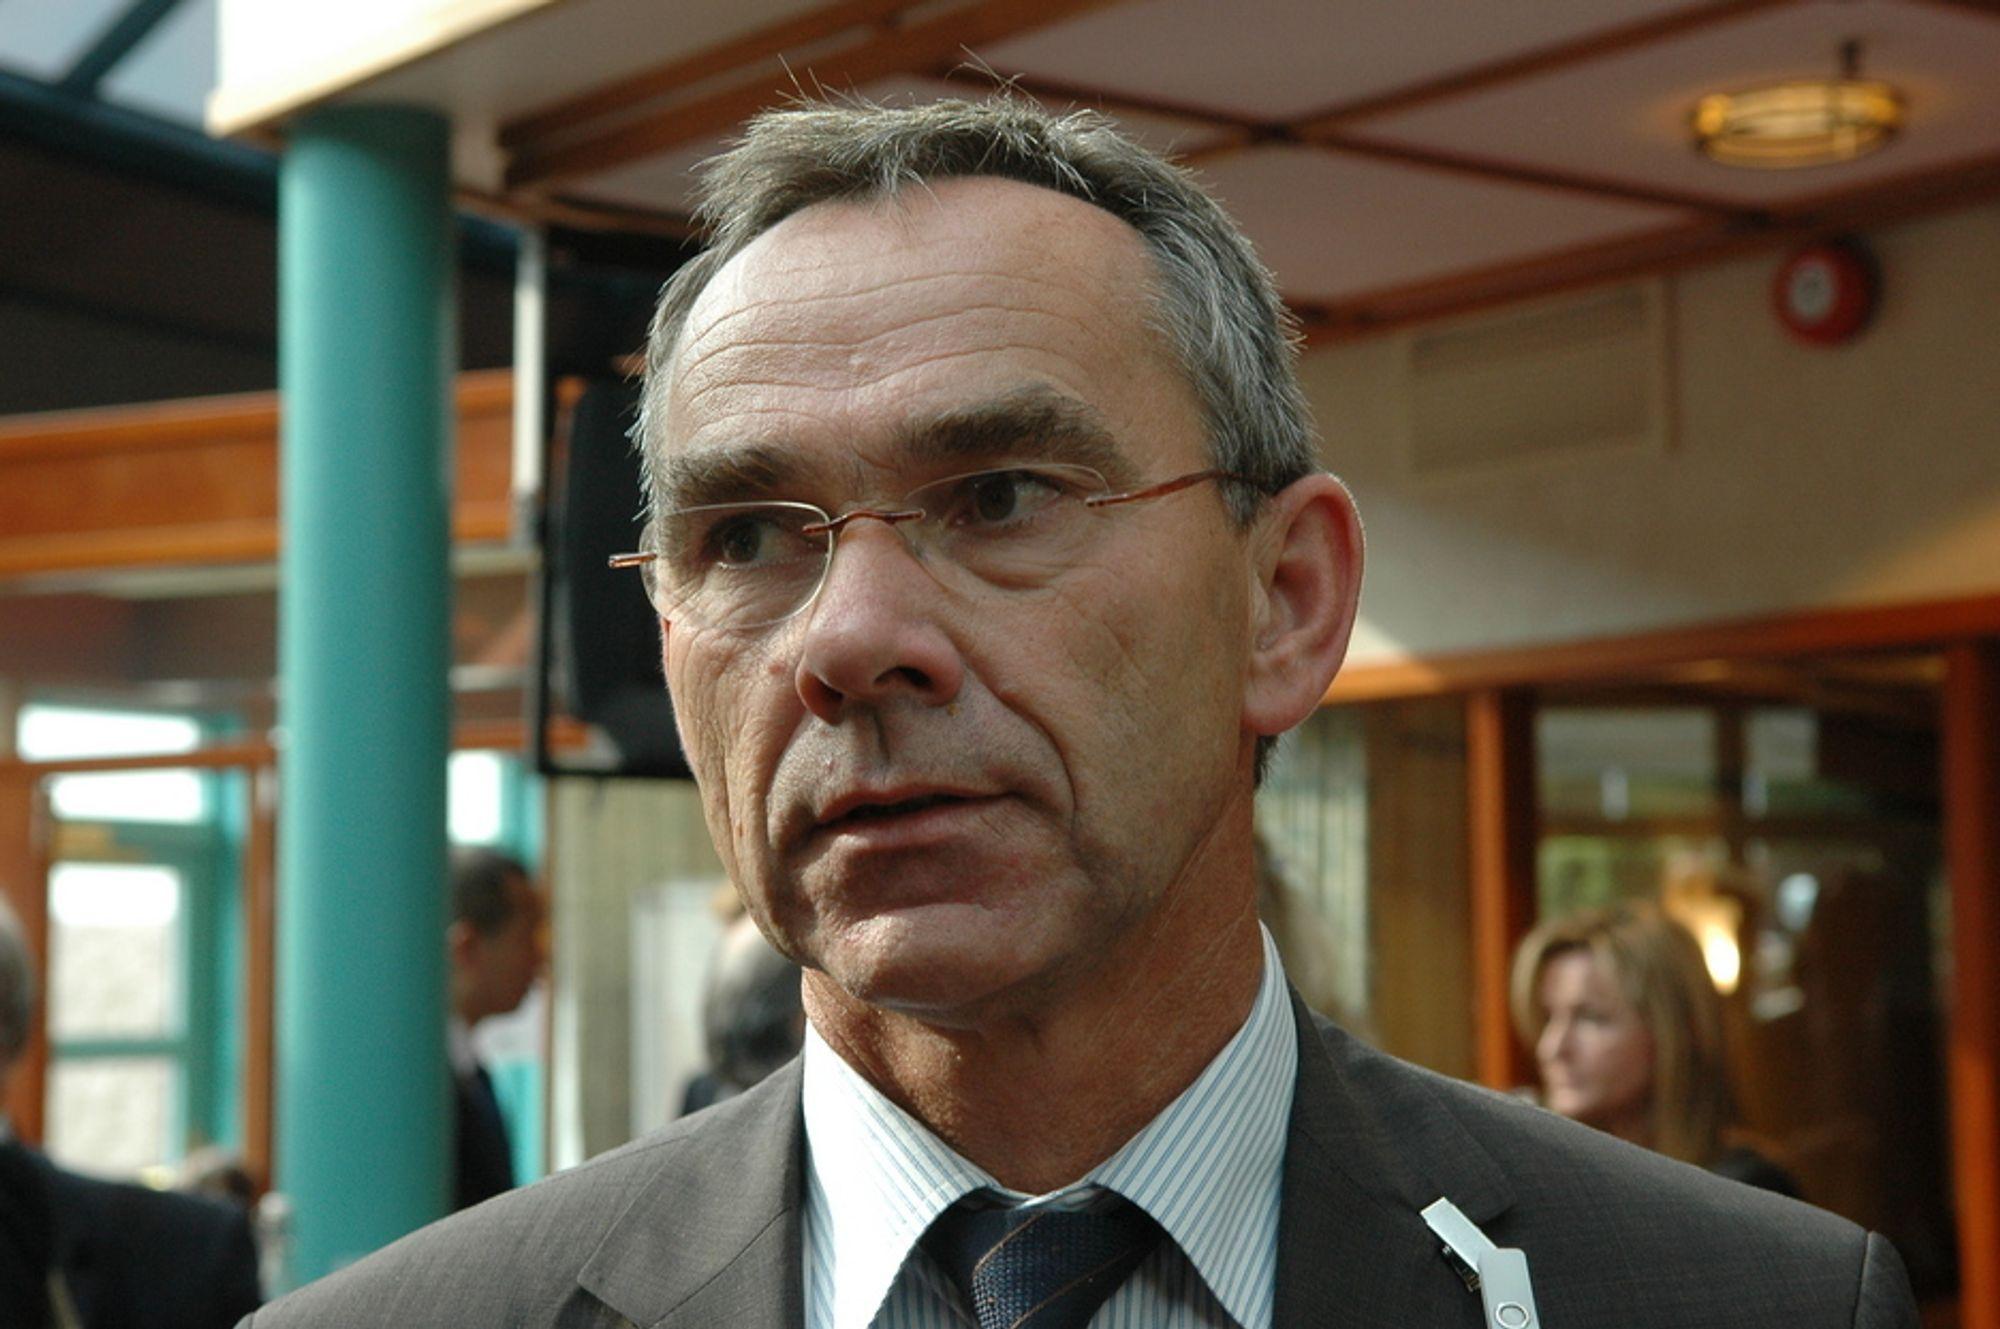 FÅTT PENGER: Programleder i Demo 2000, Morten Wiencke, kan glede seg over ekstra midler til nye prosjekter. Utfordingen er å finne realiserbare prosjekter innenfor stramme tidsrammer.